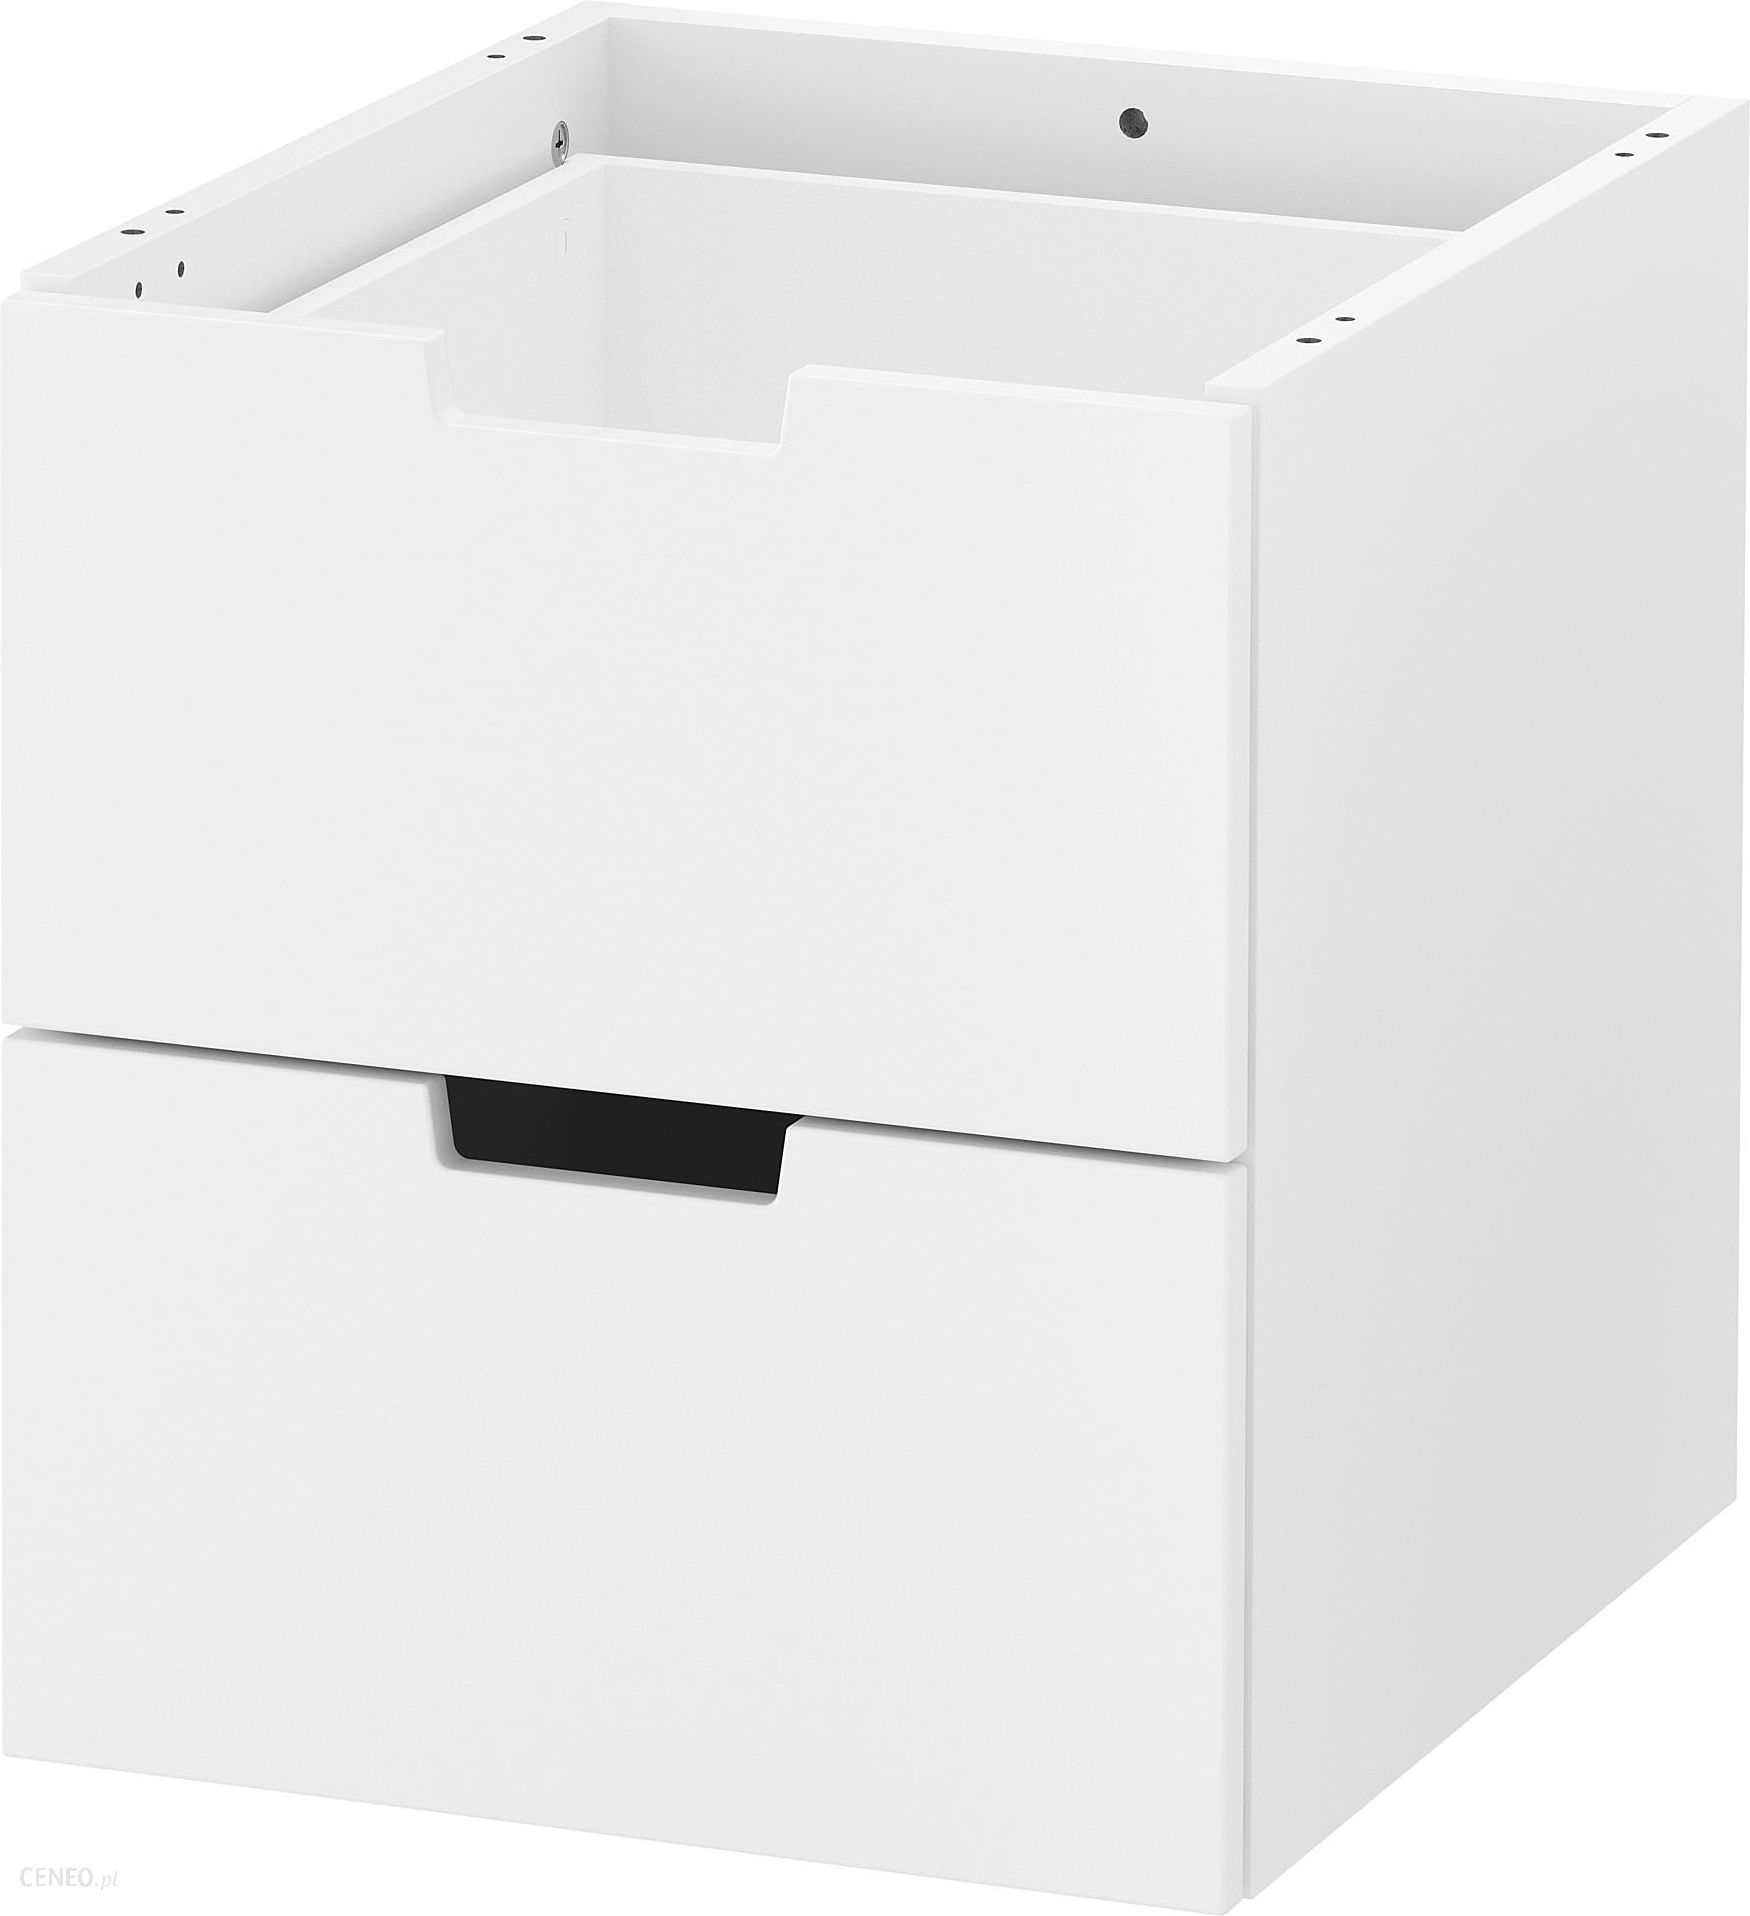 Ikea Nordli Komoda Modułowa 2 Szuflady 90383457 Opinie I Atrakcyjne Ceny Na Ceneopl